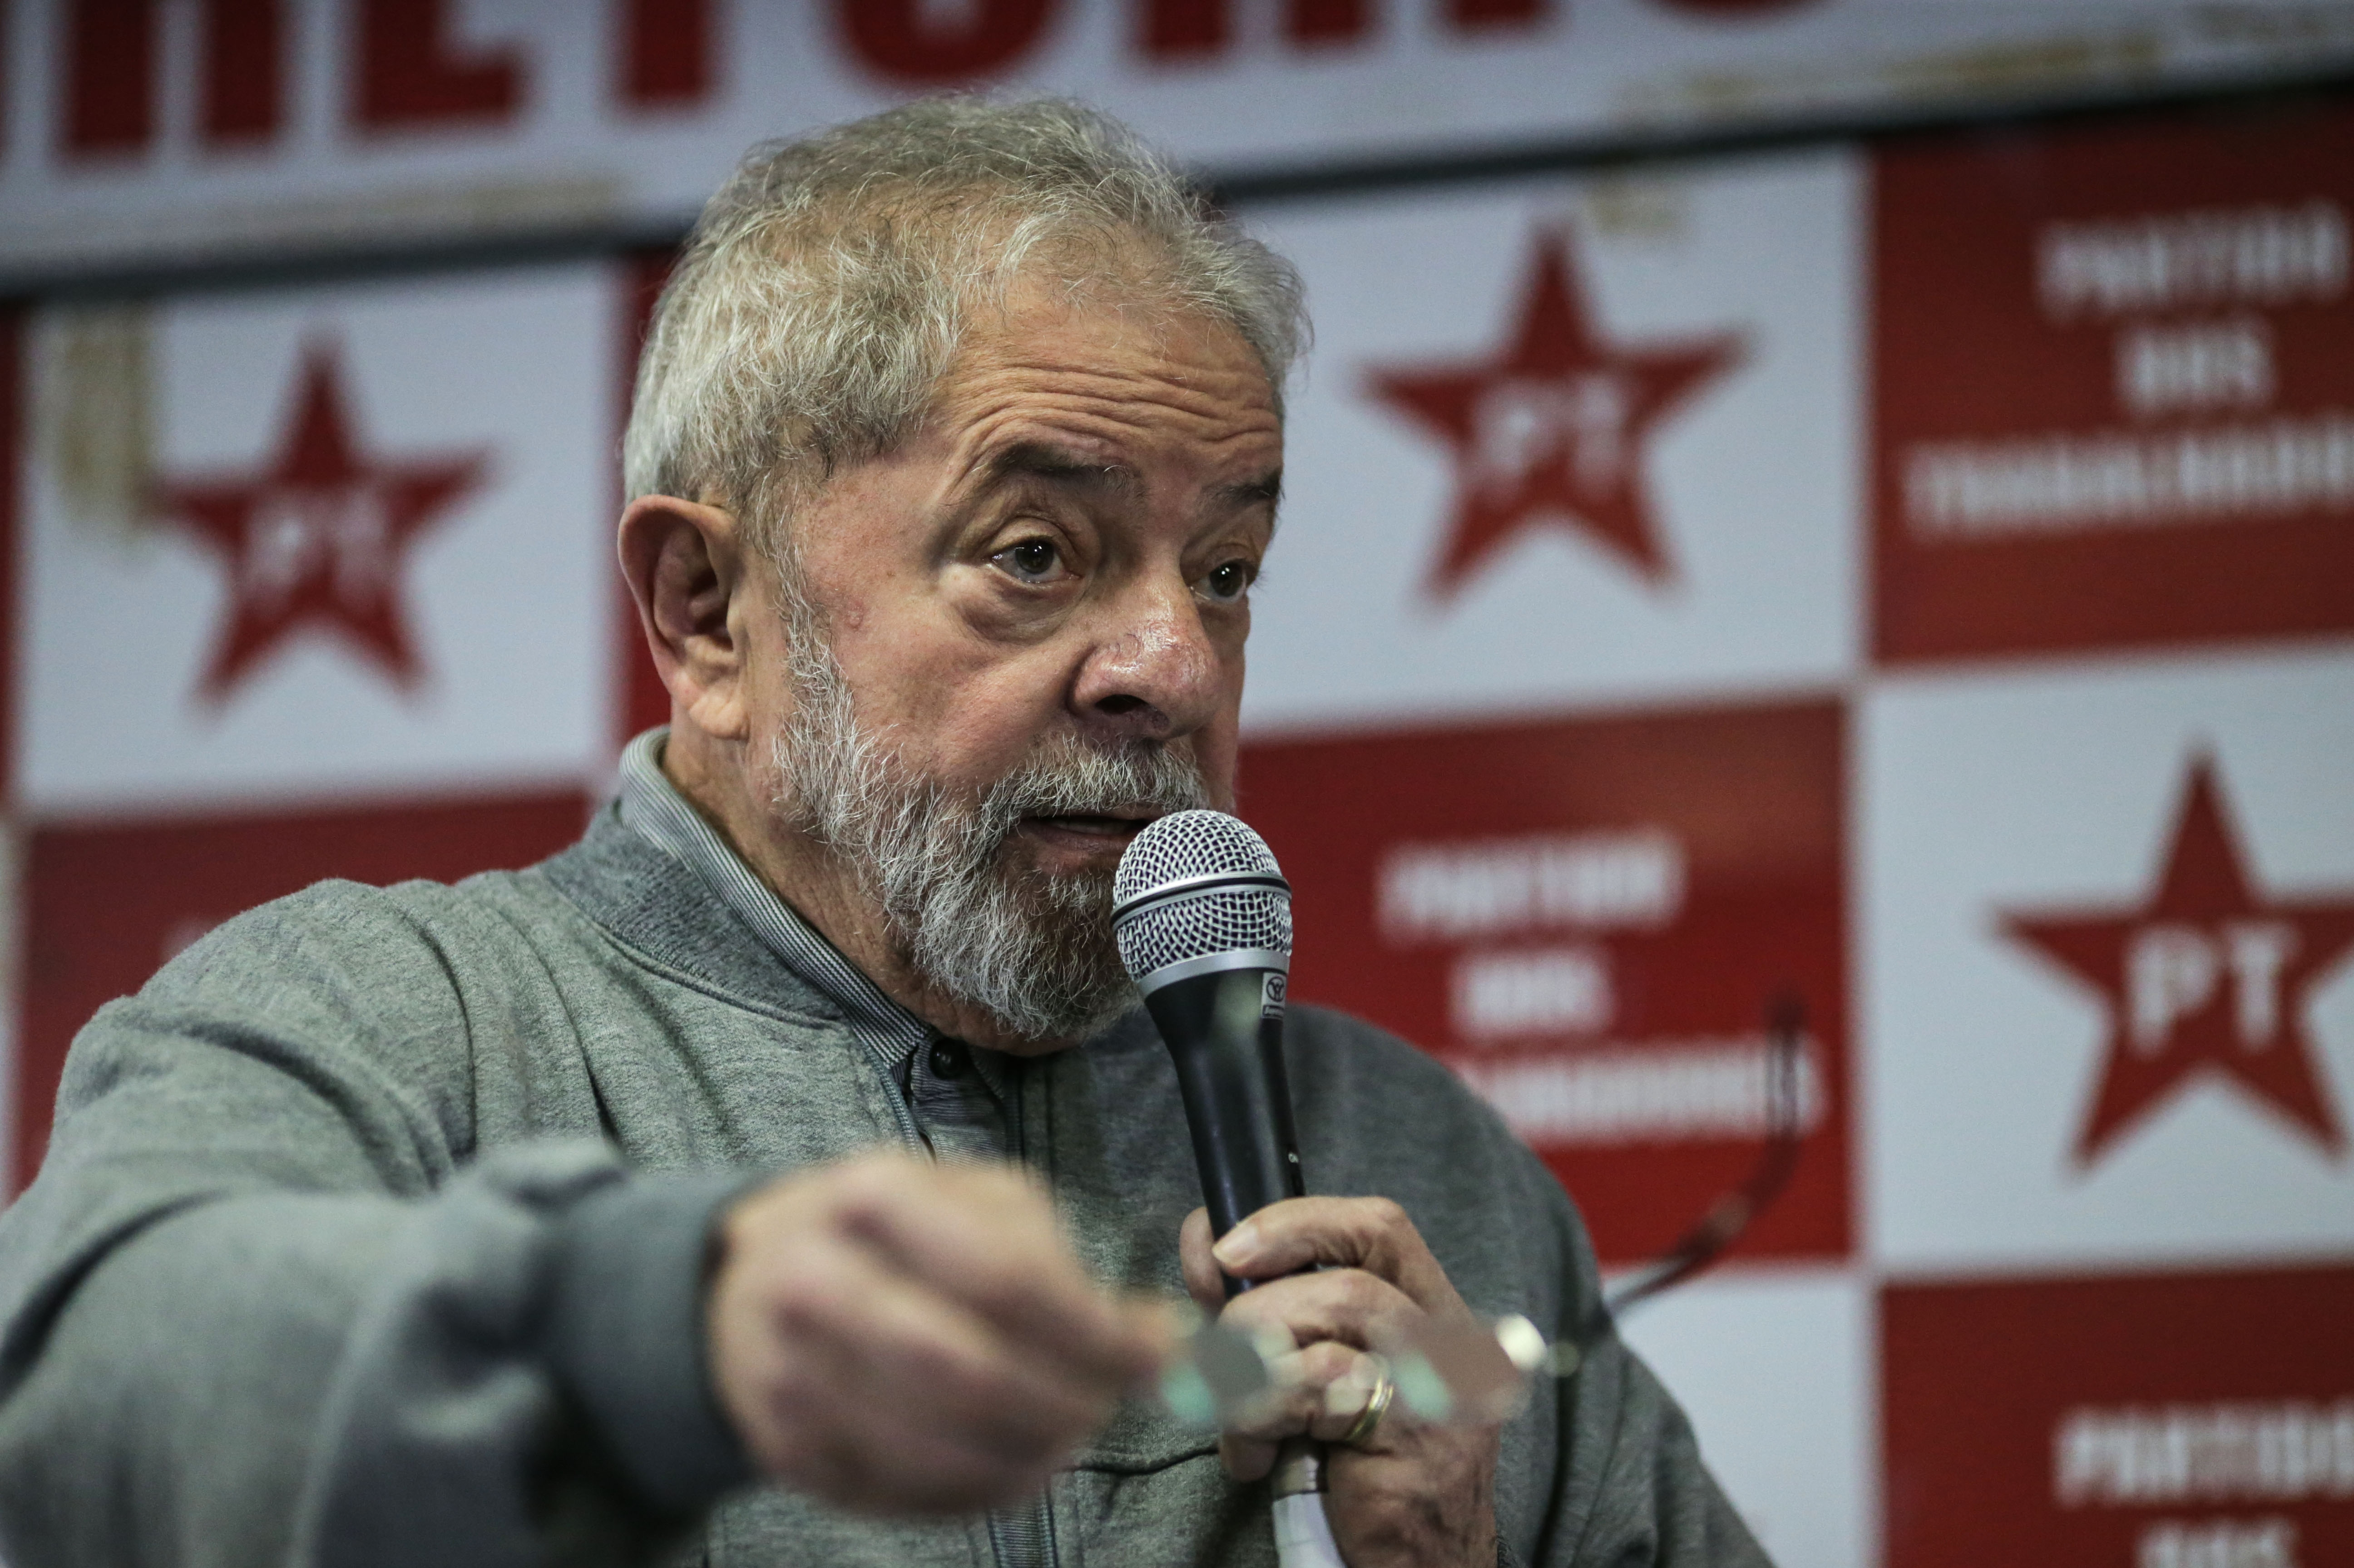 Decisão não significa a perda imediata dos bens e valores em nome de Lula - Paulo Pinto/AGPT